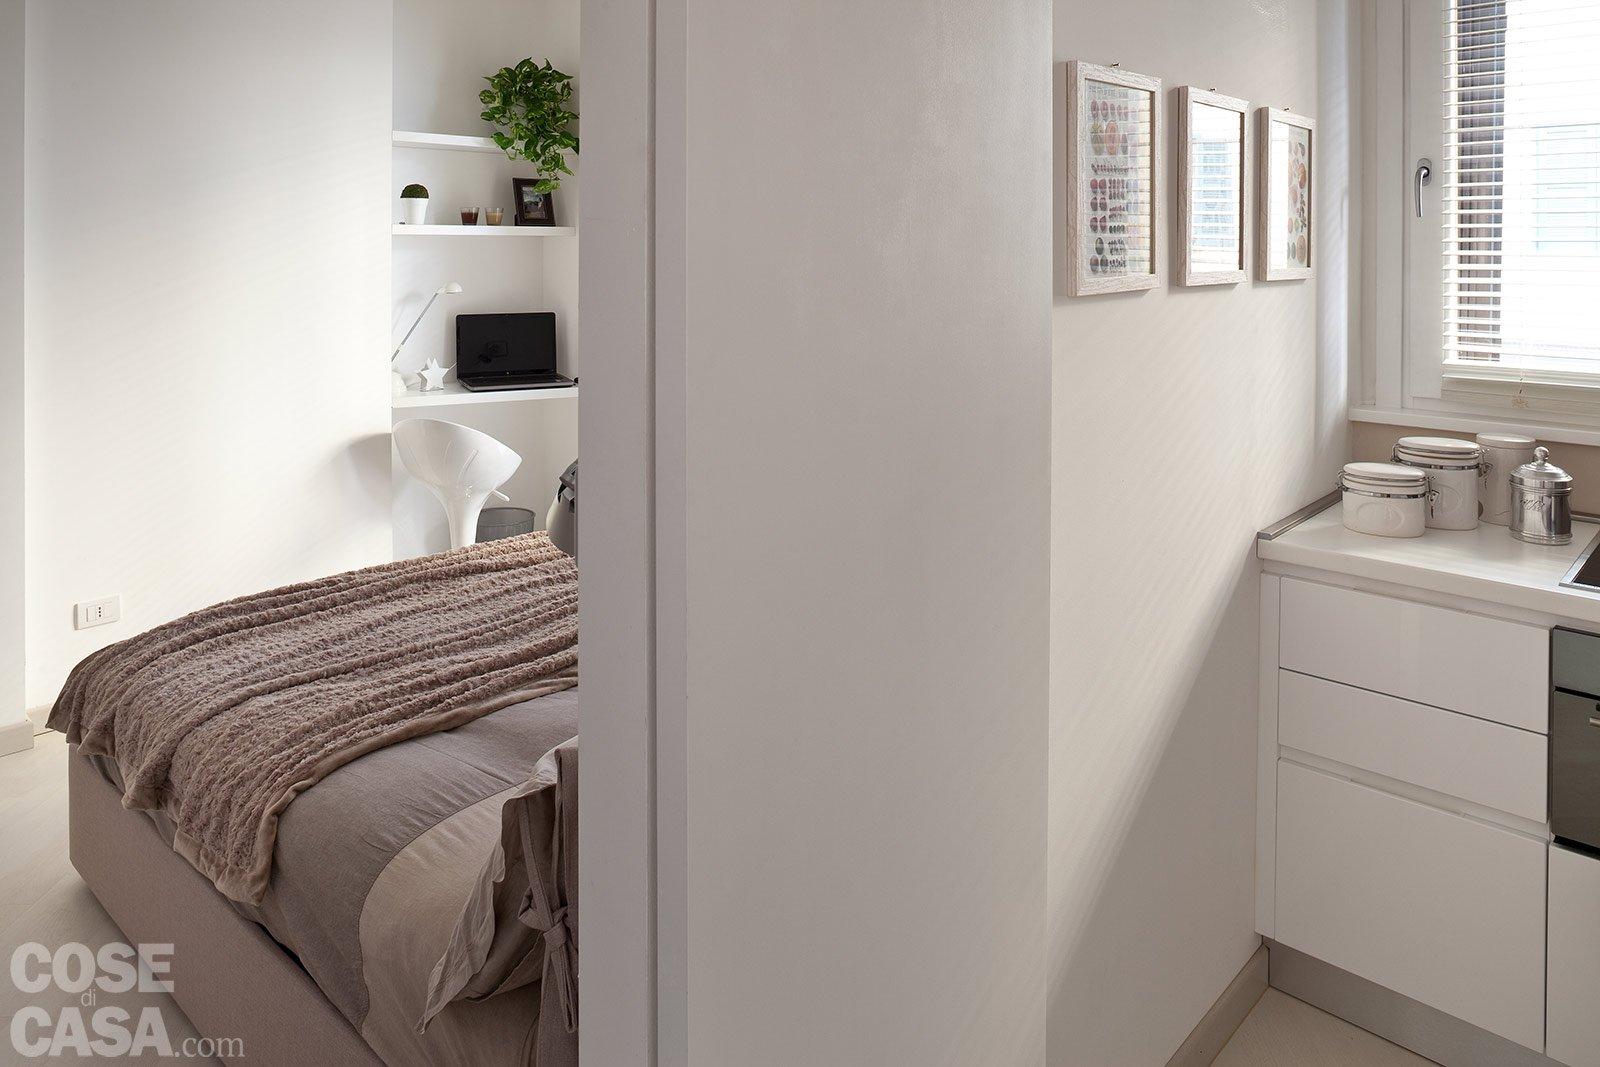 44 mq una stanza in pi in casa cose di casa for Monolocale con 1 camera da letto